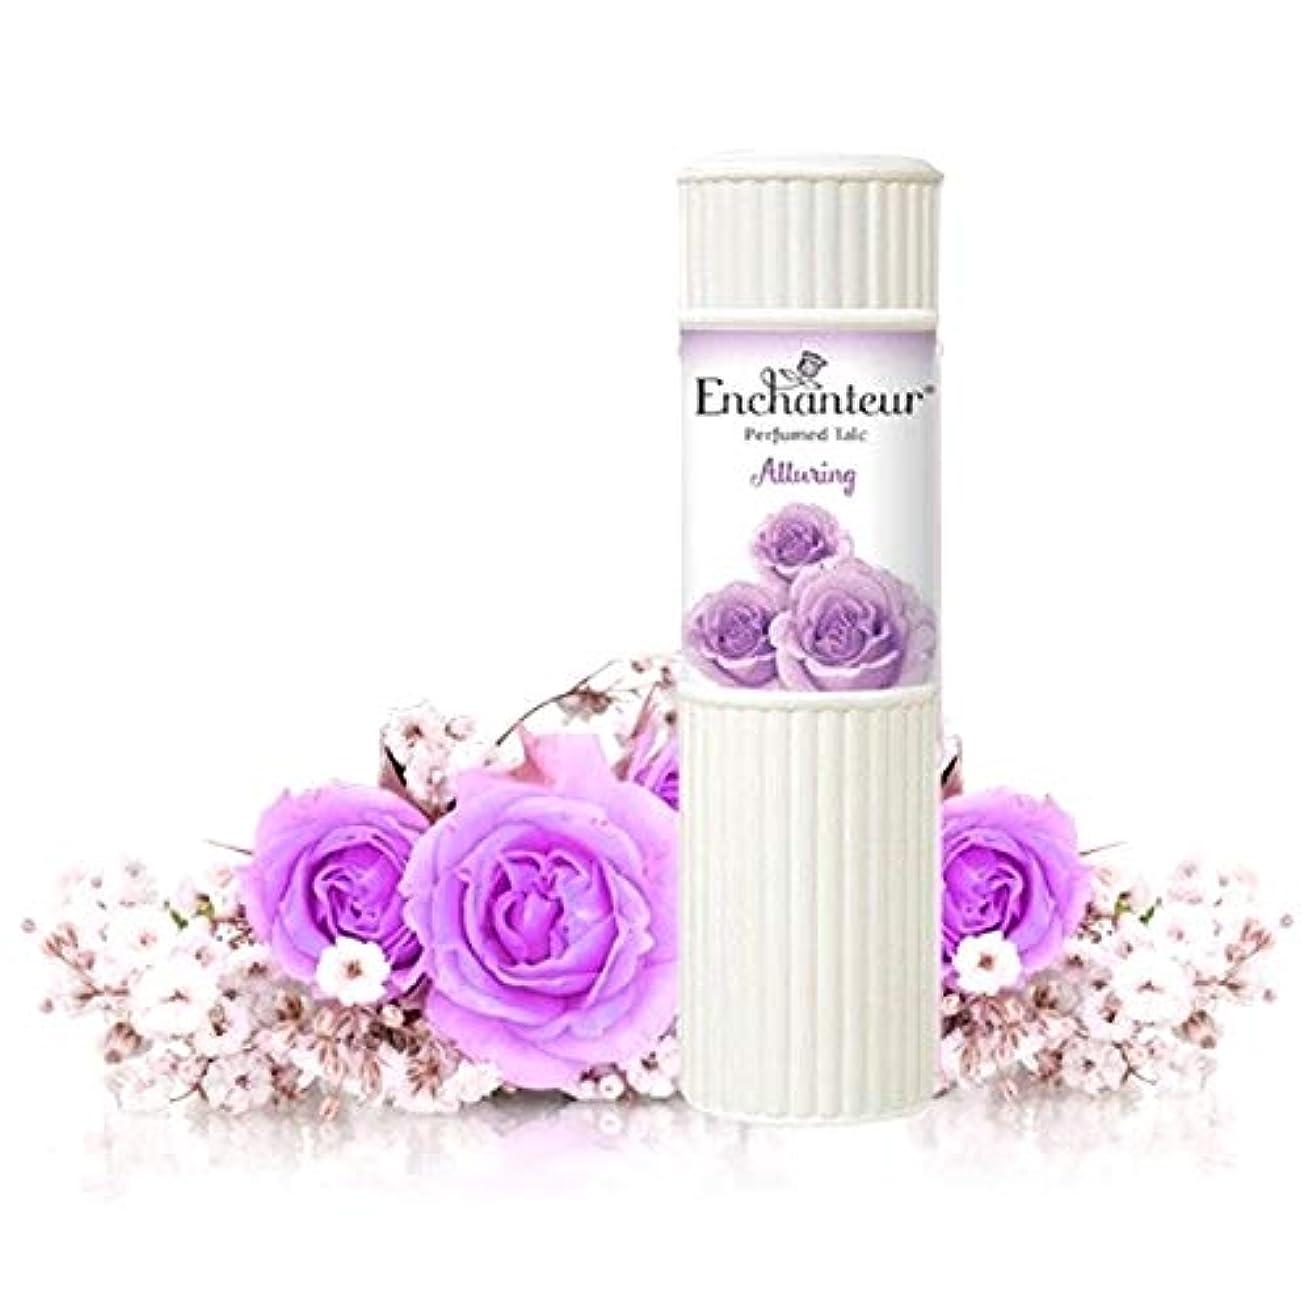 不純ゴミ法令Enchanteur Perfumed Talc アンシャンター パフュームタルク 100g【並行輸入品】 (Alluring)